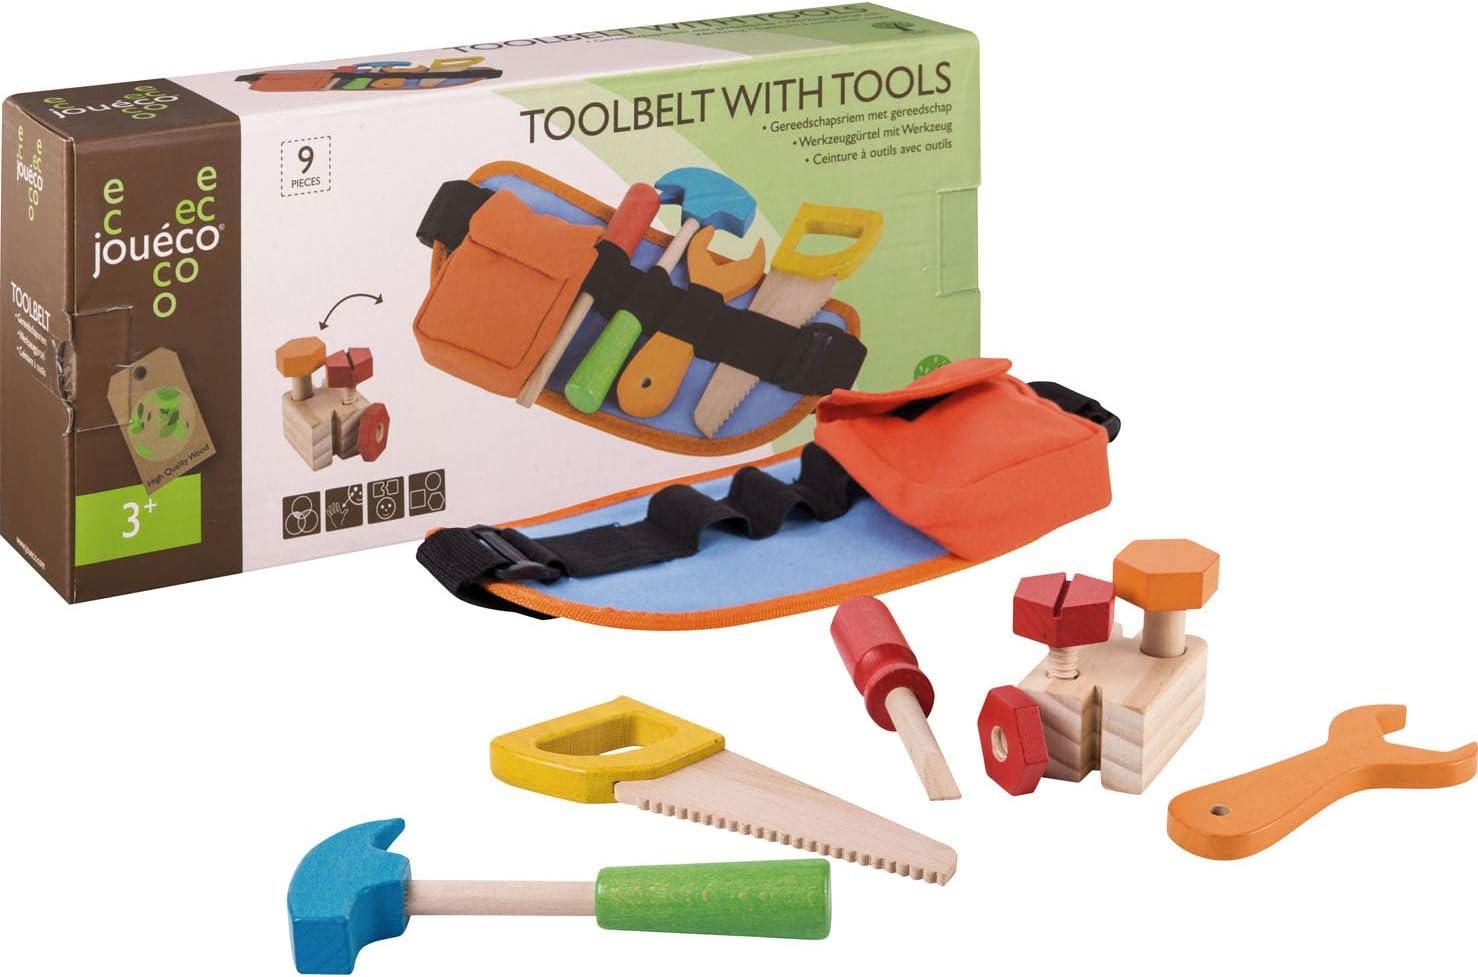 Jou/éco/ /Tool Belt 80022 9/Pieces